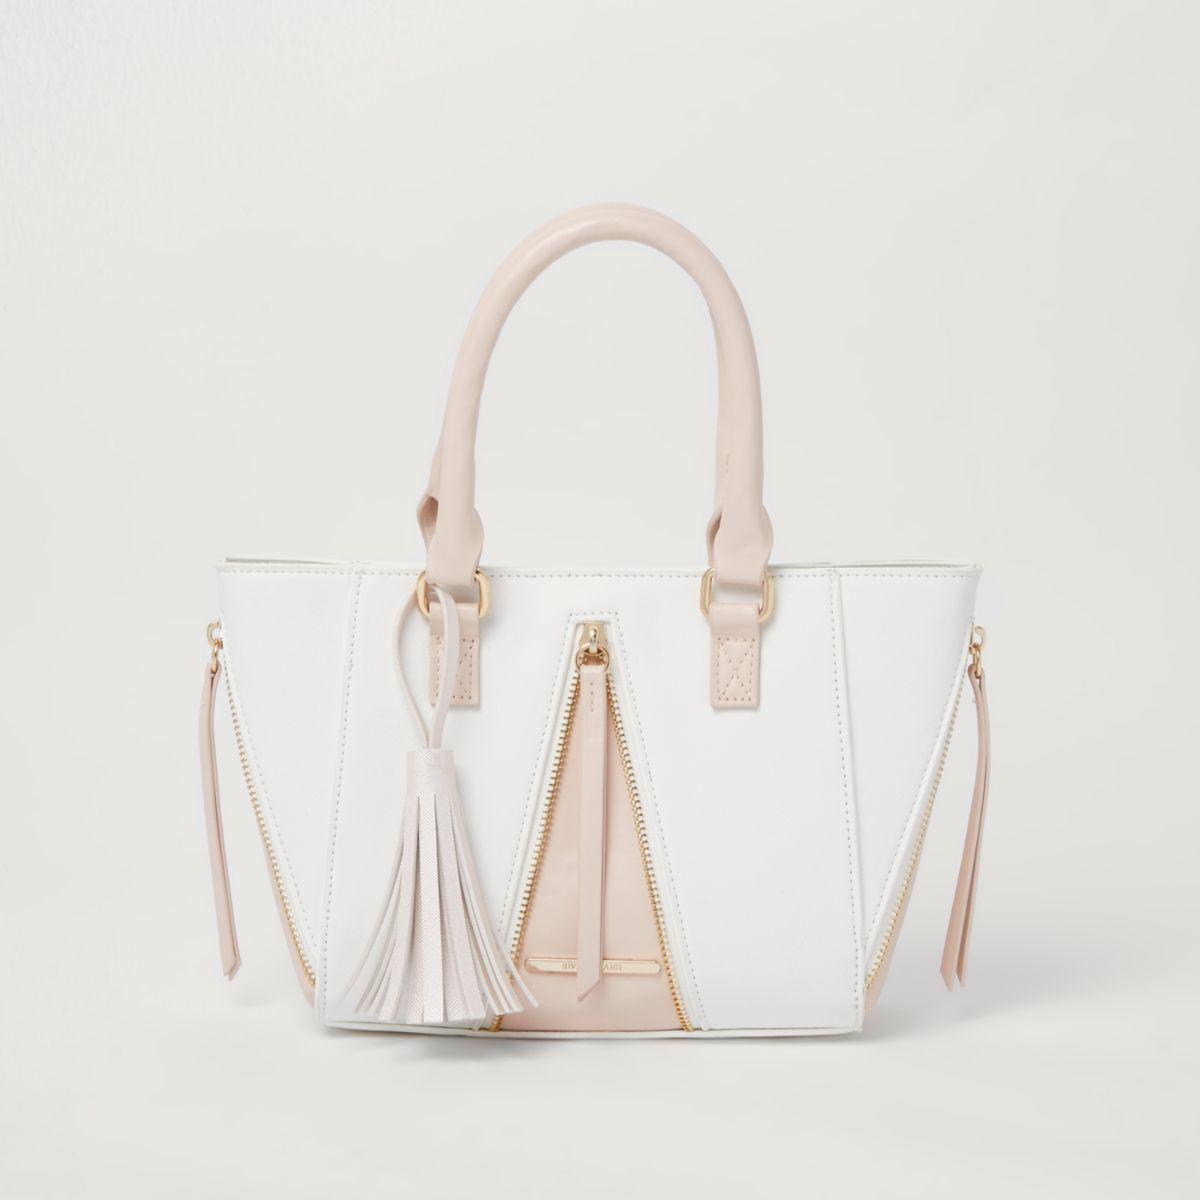 Pinke Tote Bag für Mädchen